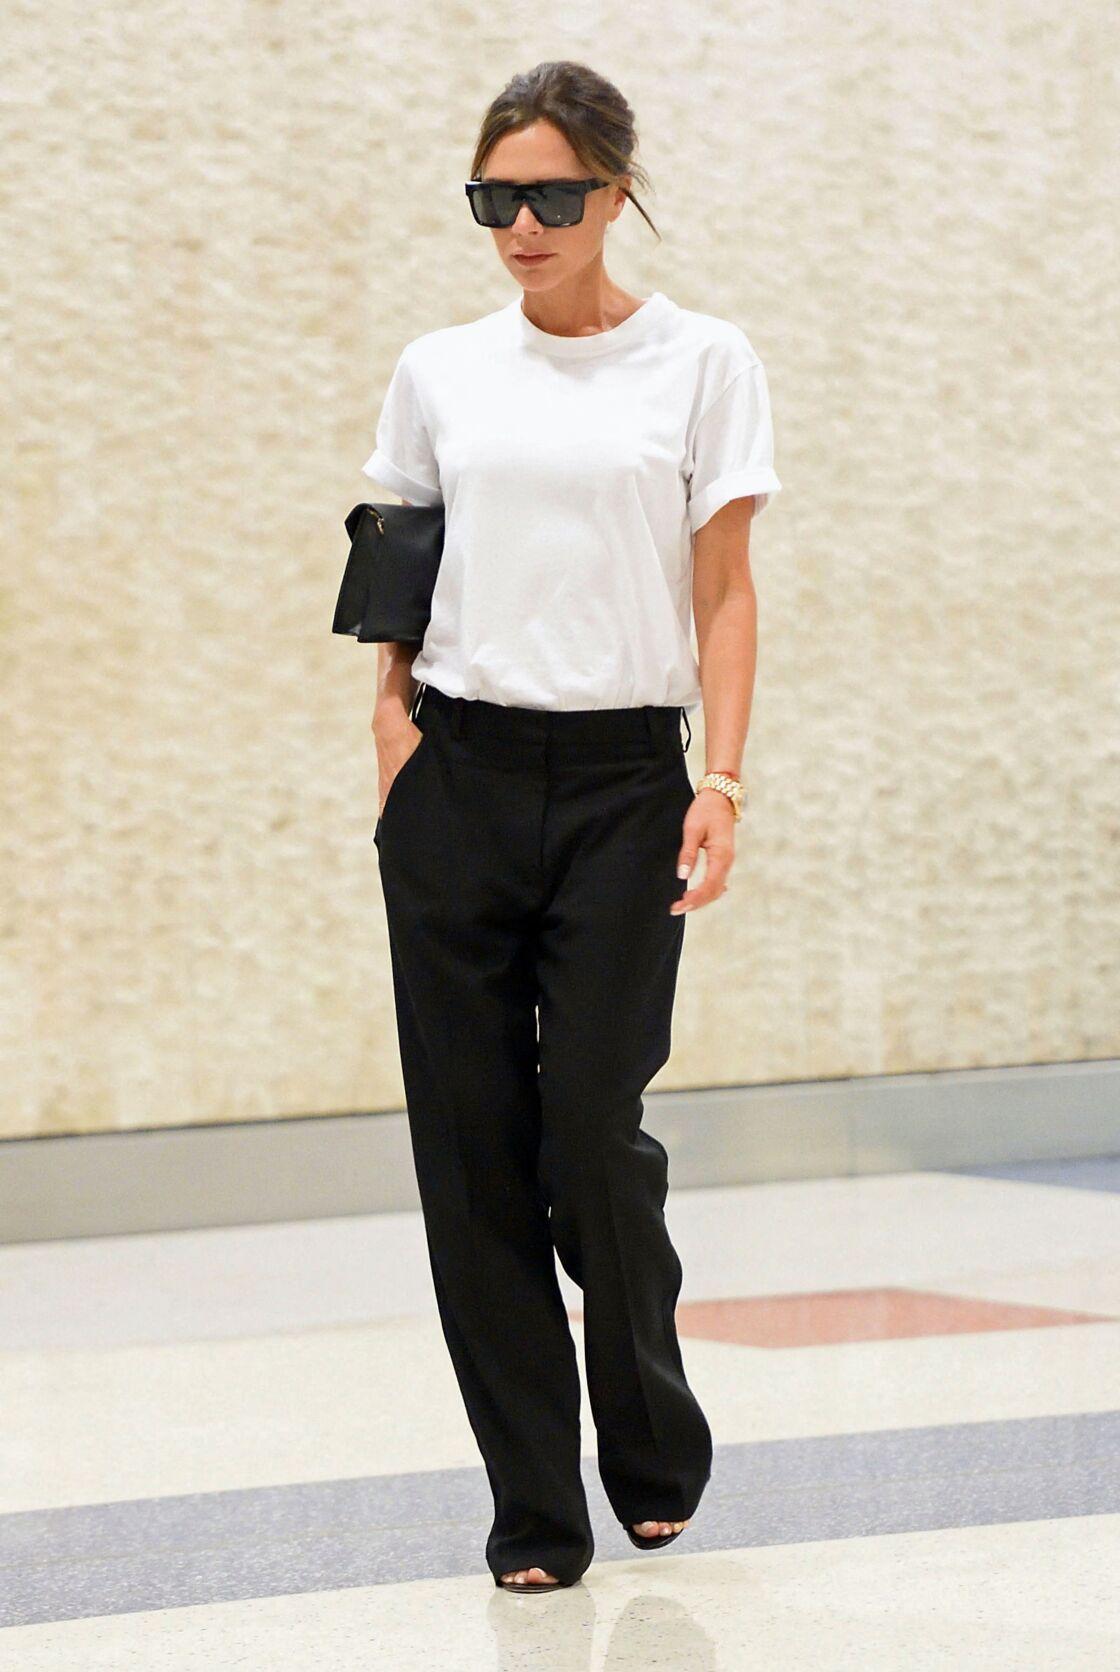 Victoria Beckham a fait du t-shirt blanc sa pièce fétiche, avec un denim ou un pantalon tailleur l'ancienne chanteuse est un fan de ce basique !